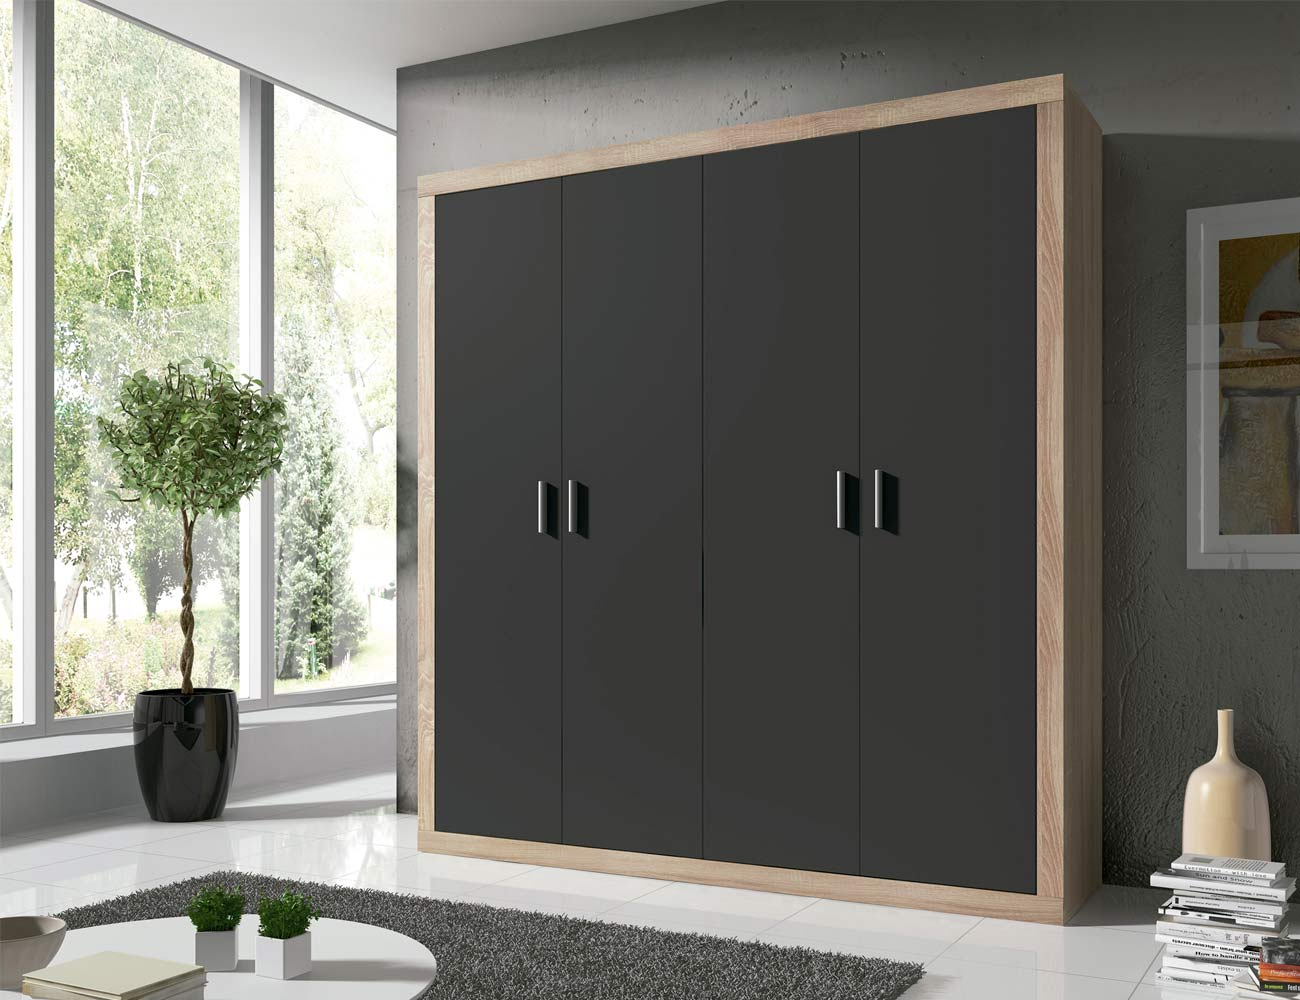 Armario de 4 puertas abatibles estilo moderno en cambrian - Armarios con puertas abatibles ...